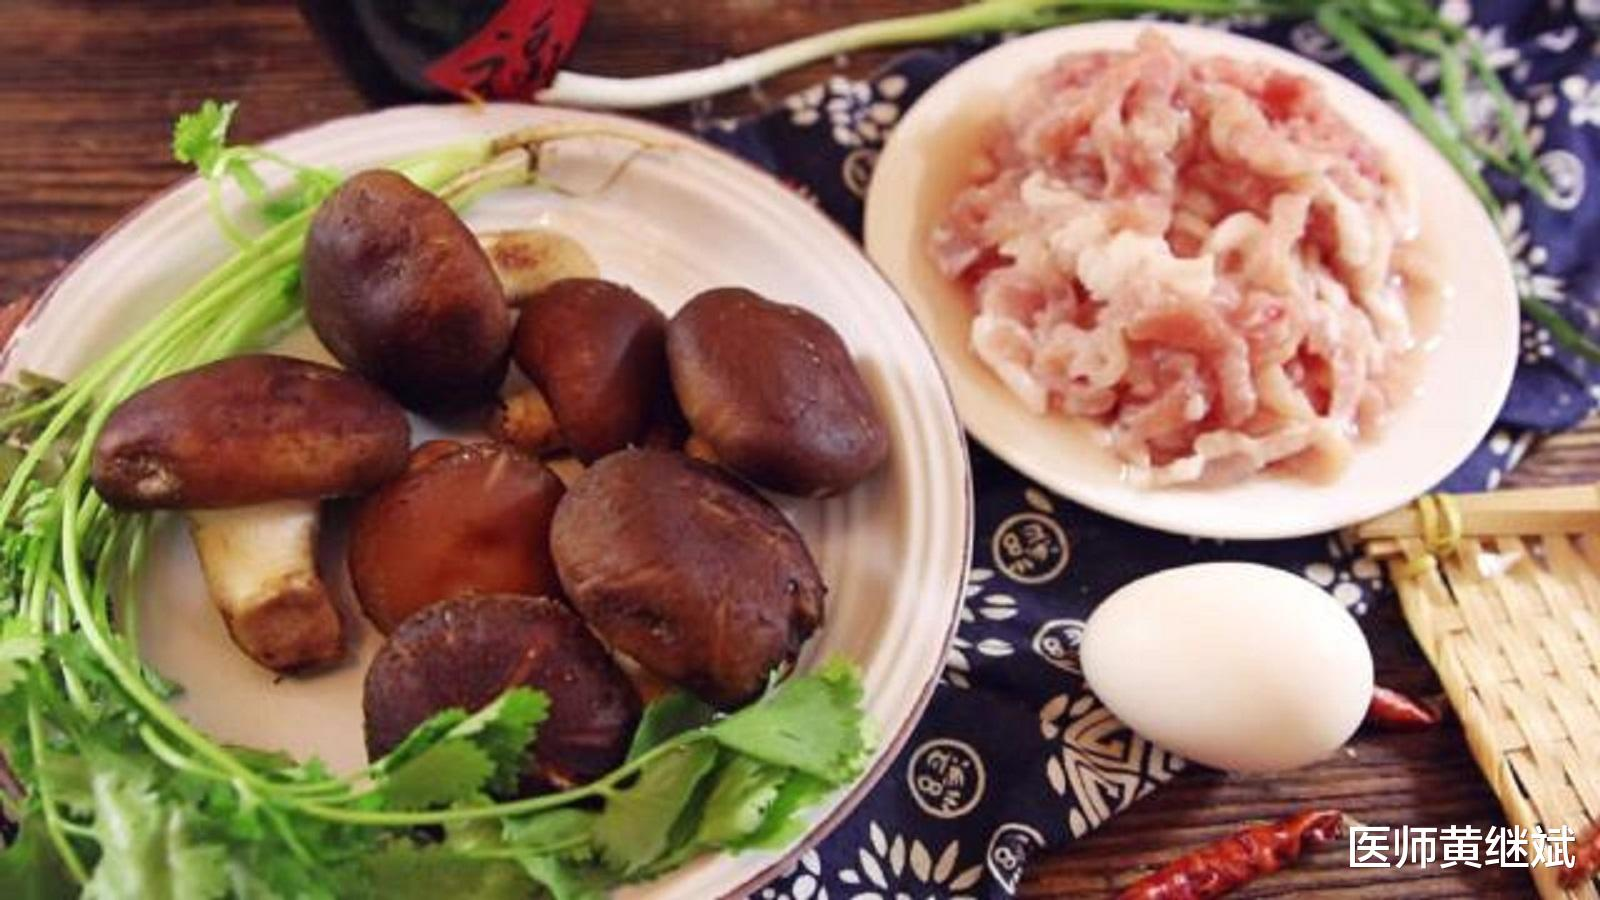 原创同为菌类食物,但香菇和平菇的区别较大,两者哪个营养价值更高?